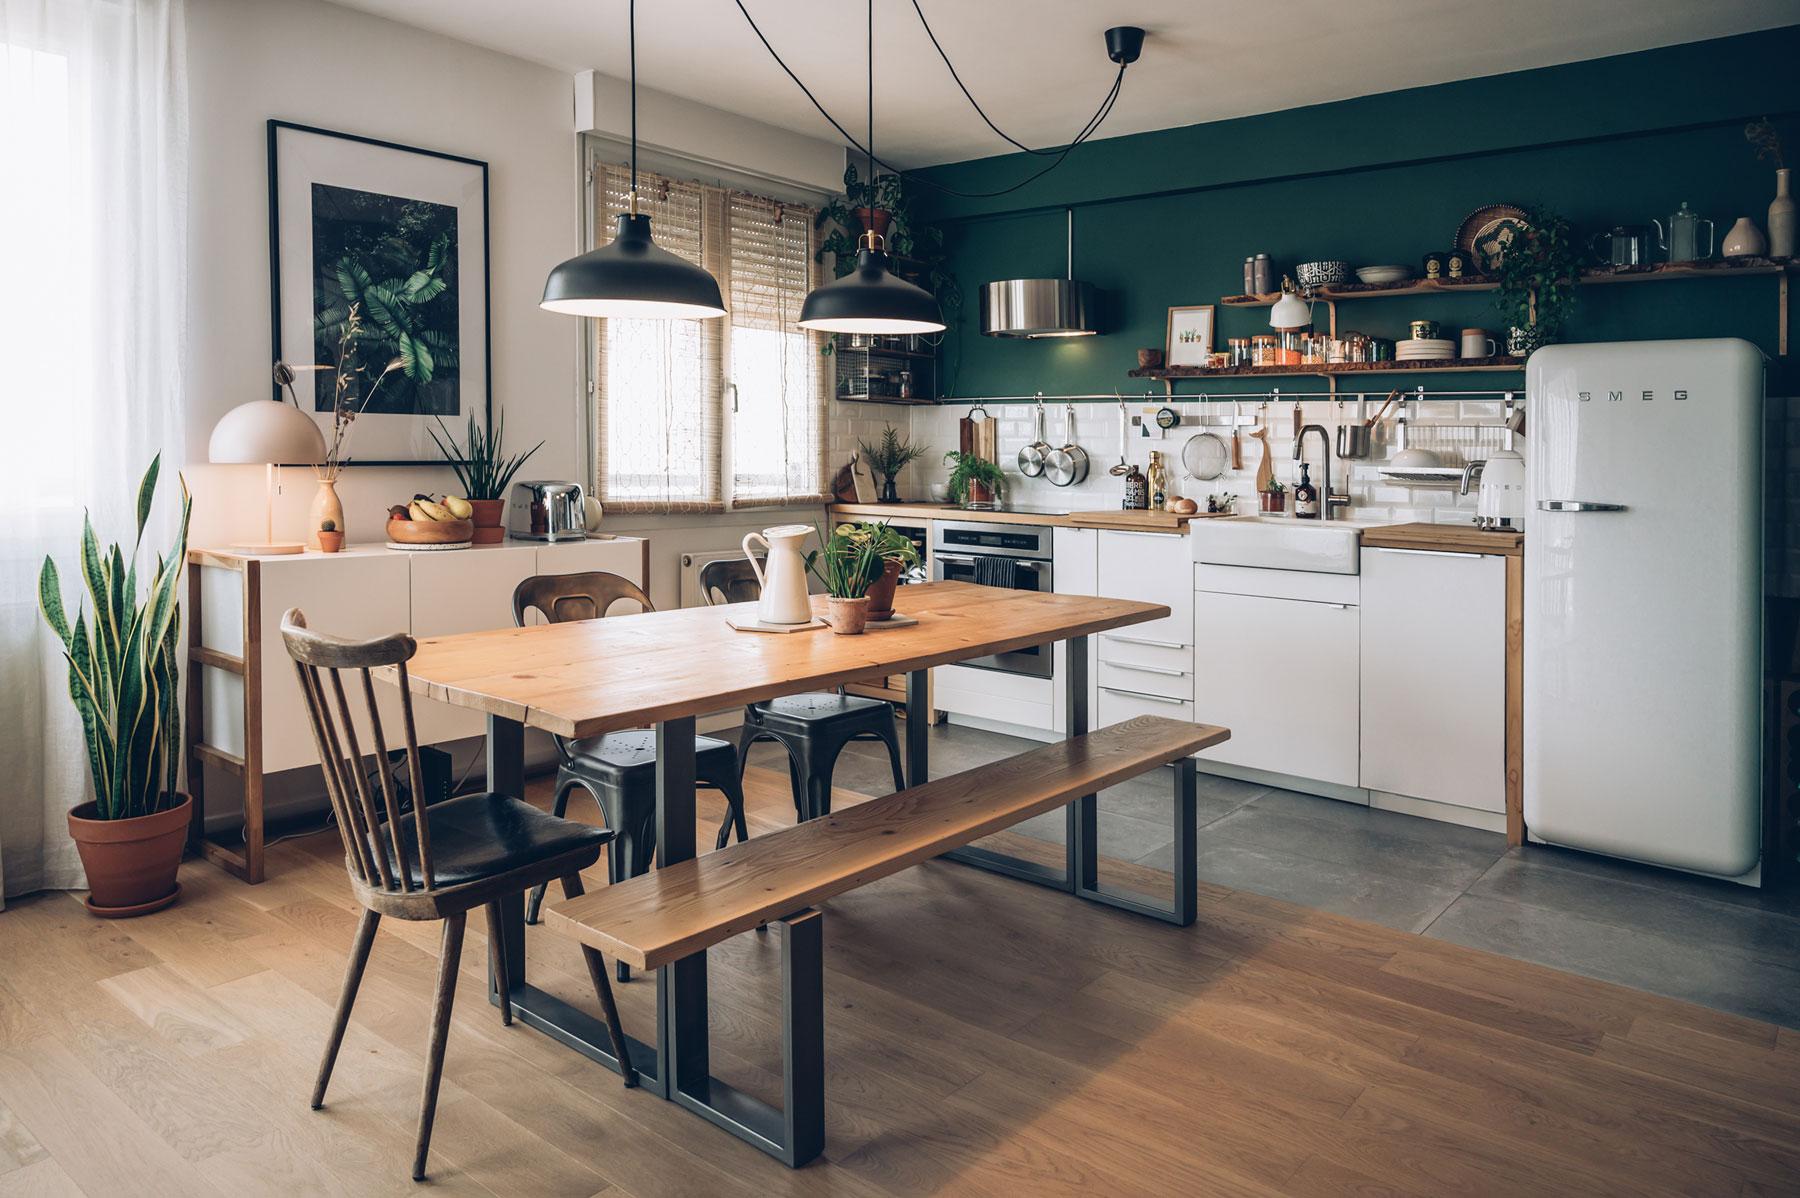 Cuisine inspiration Jura, vert sapin et bois